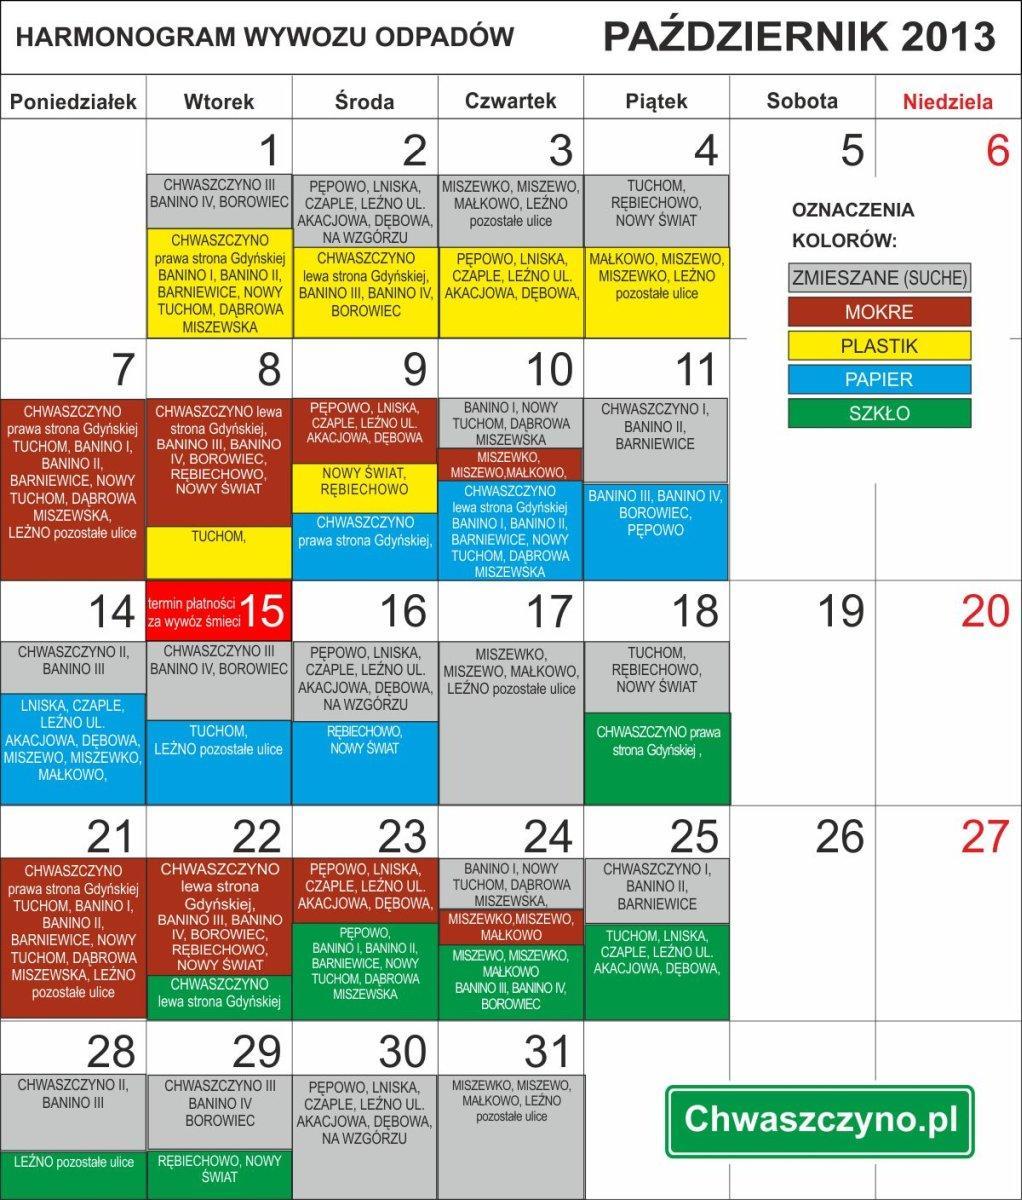 kalendarz-wywozu-odpadow-pazdziernik